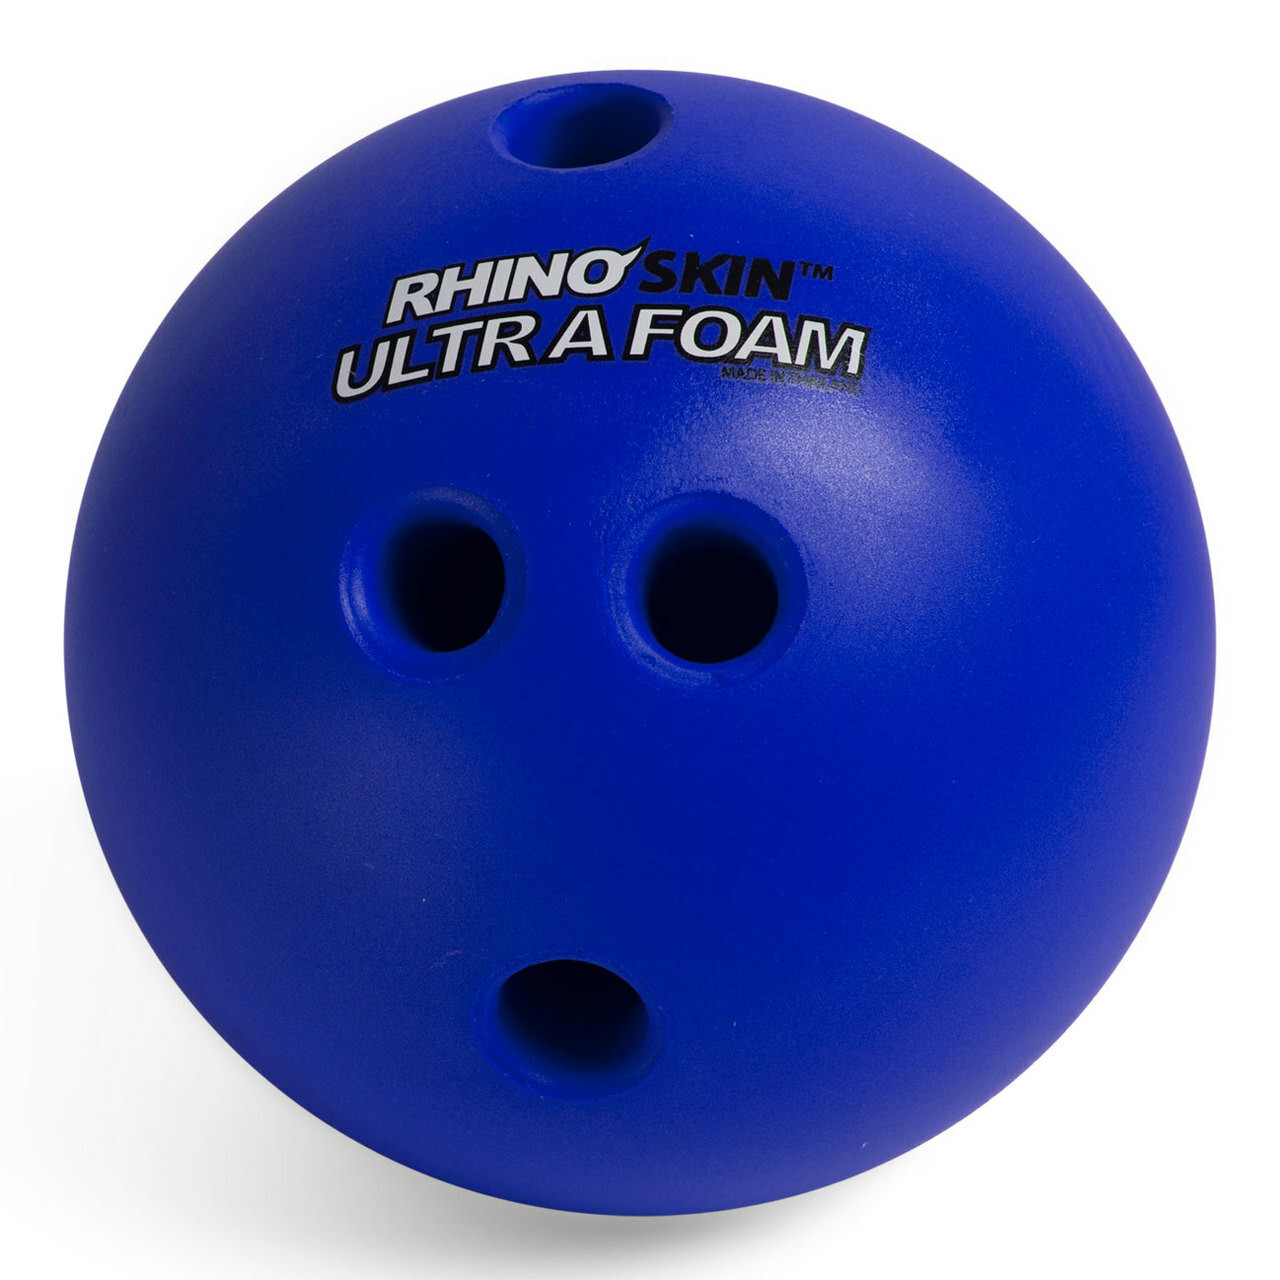 Rhino Skin Foam Bowling Ball - 2.5 lb